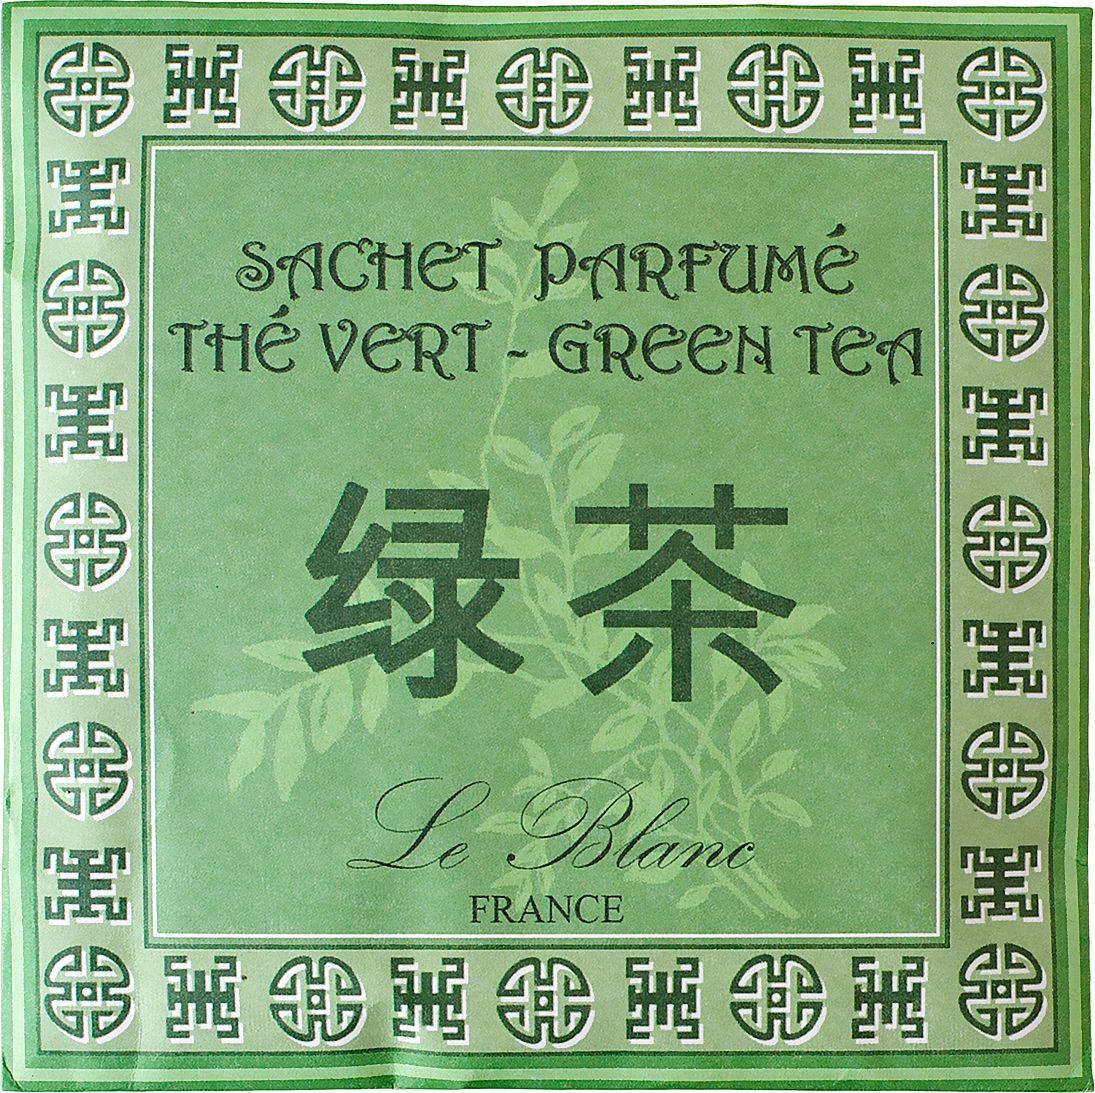 Саше ароматическое Le Blanc Зеленый чай3760110093381Подарки от Le Blanc - это роскошь в мелочах, определяющих стиль. Эти изящные вещицы привносят в нашу жизнь тонкие, нежные ароматы, создают настроение легкости и воздушности. Саше относятся к разряду тех мелочей, благодаря которым создается настоящий уют в доме. Аромат зелёного чая – тонкий и изысканный, очень бодрящий, и вместе с тем непередаваемо узнаваемый. Это свежий чудесный запах, с тонкими древесными нотами, который навевает ощущение домашнего тепла и уюта. Аромат зелёного чая проникнут тонким и уловимым запахом, в котором смешалась и свежая кислинка цитрусовых, и хрупкие растительные, древесные и водные ноты. Он словно дарит нам чистоту и прохладу зелёной древесной чащи или бескрайнего чайного поля, омытого росой.